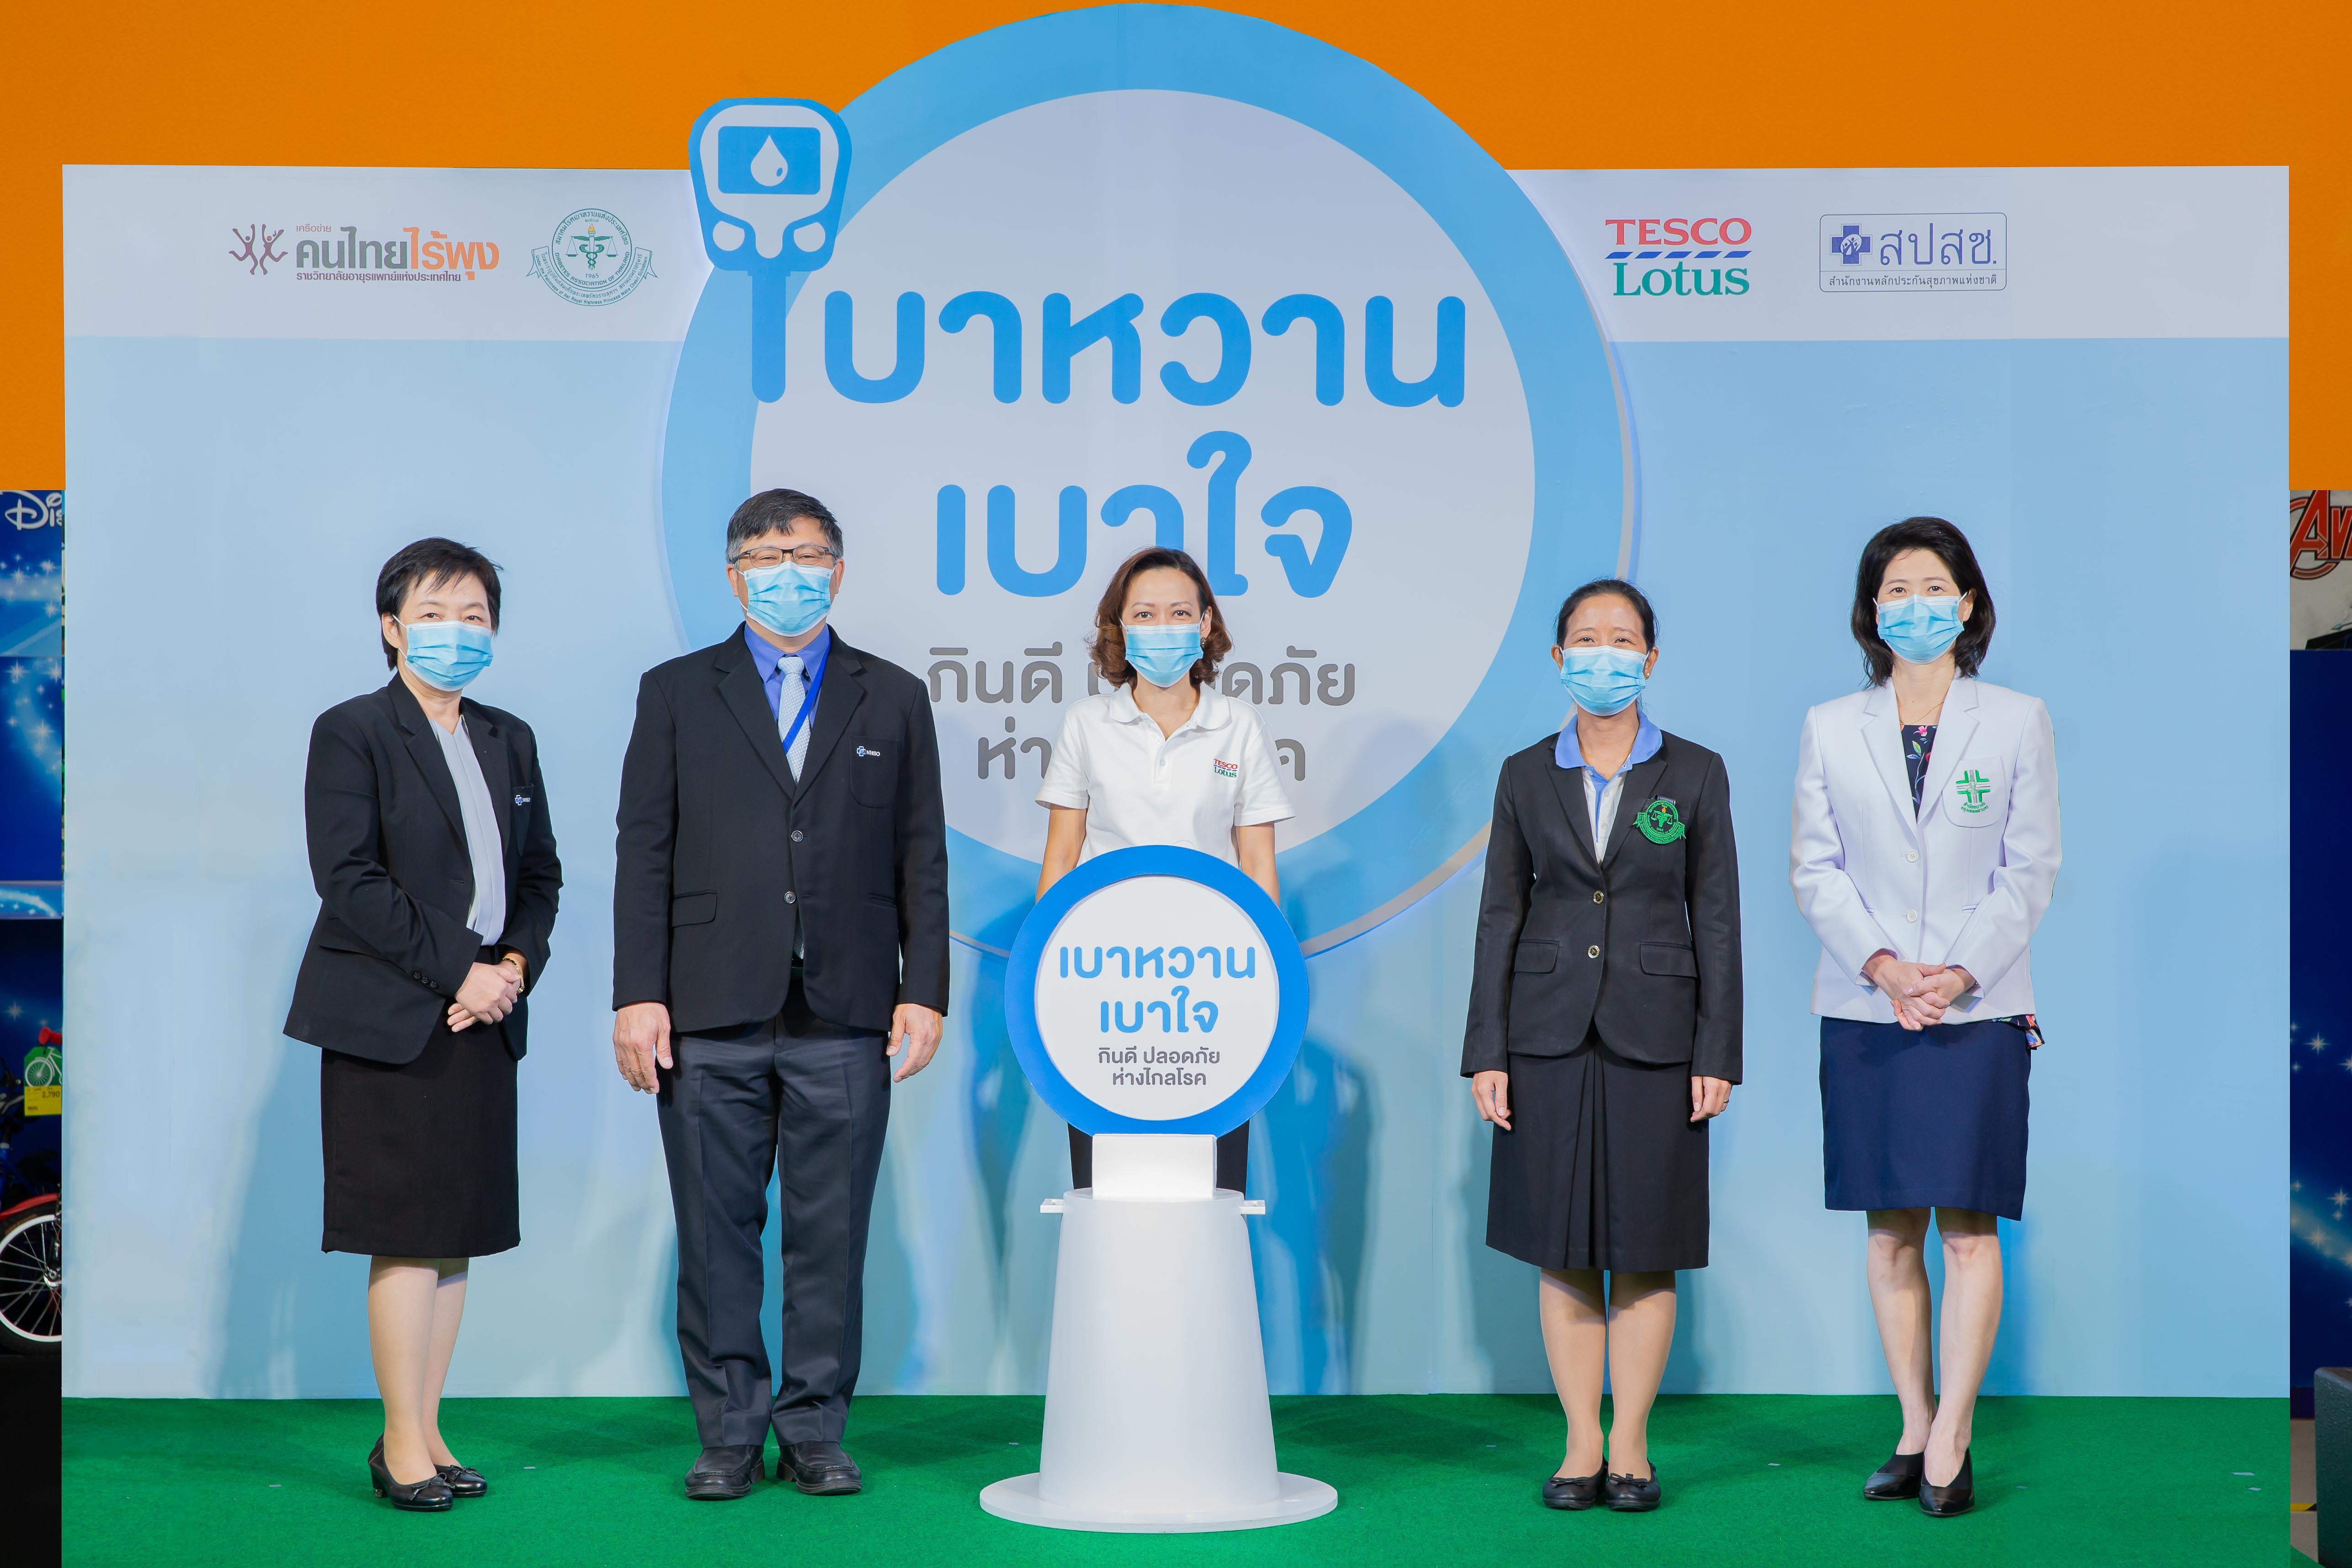 เทสโก้ โลตัส ชวนคนไทยตระหนักถึงโรคเบาหวาน ให้บริการตรวจเบาหวานด้วยตนเอง ฟรี ที่ร้านขายยาเทสโก้ โลตัส ฟาร์มาซี ทั่วประเทศ อึ้ง! คนไทย 1 ใน 11 คนป่วยเป็นเบาหวาน สำนักพิมพ์แม่บ้าน